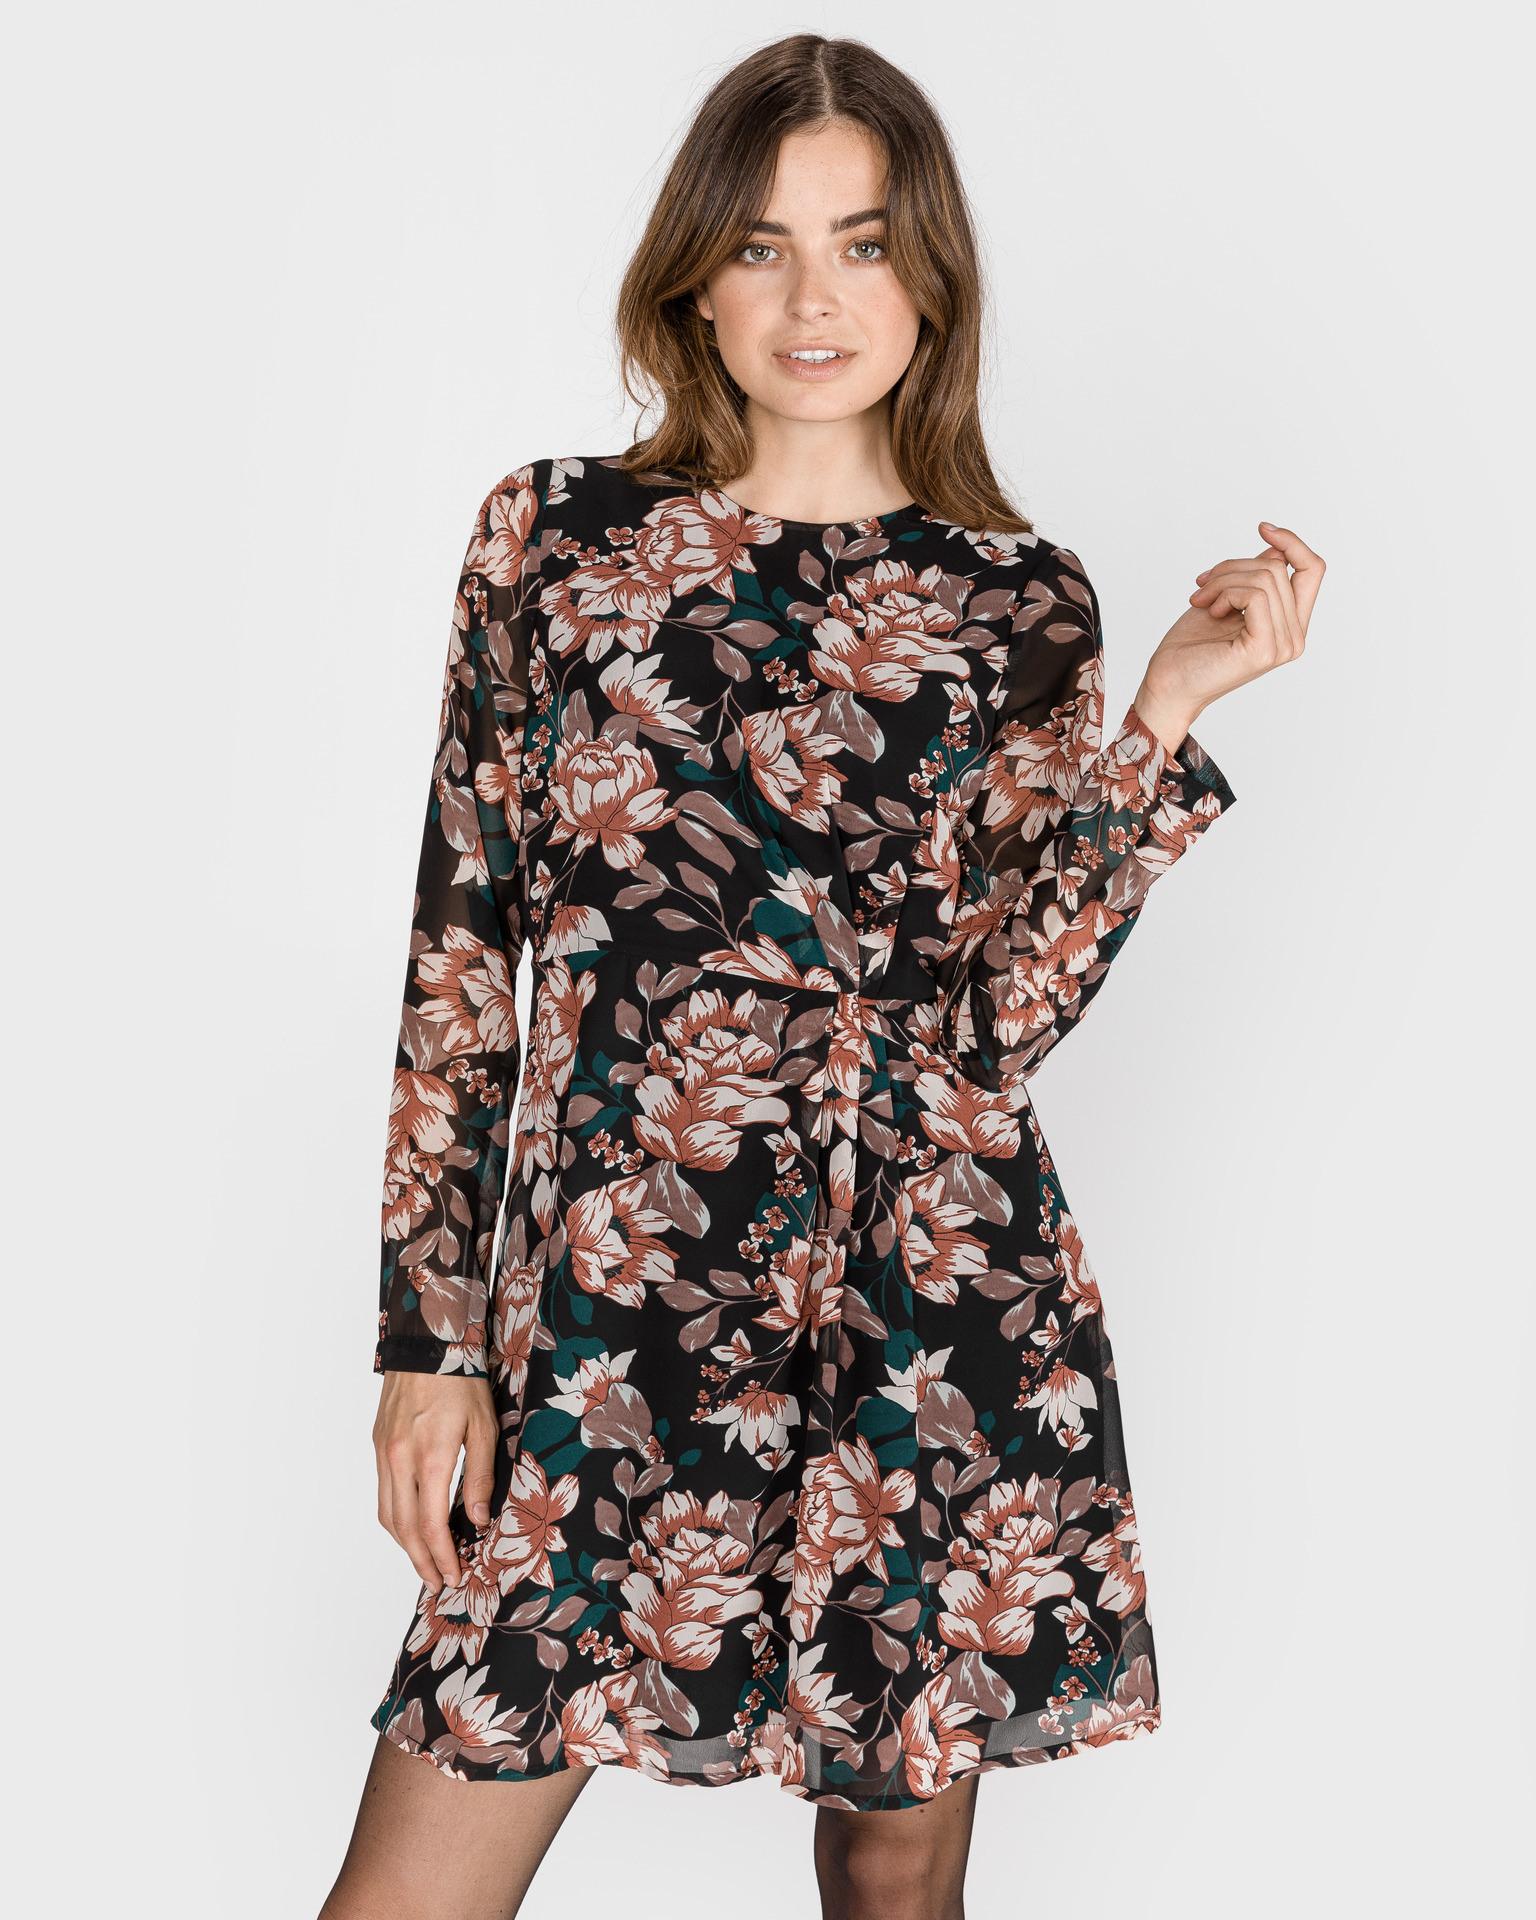 Abend Coolste Abendkleid Vero Moda für 201917 Genial Abendkleid Vero Moda Boutique